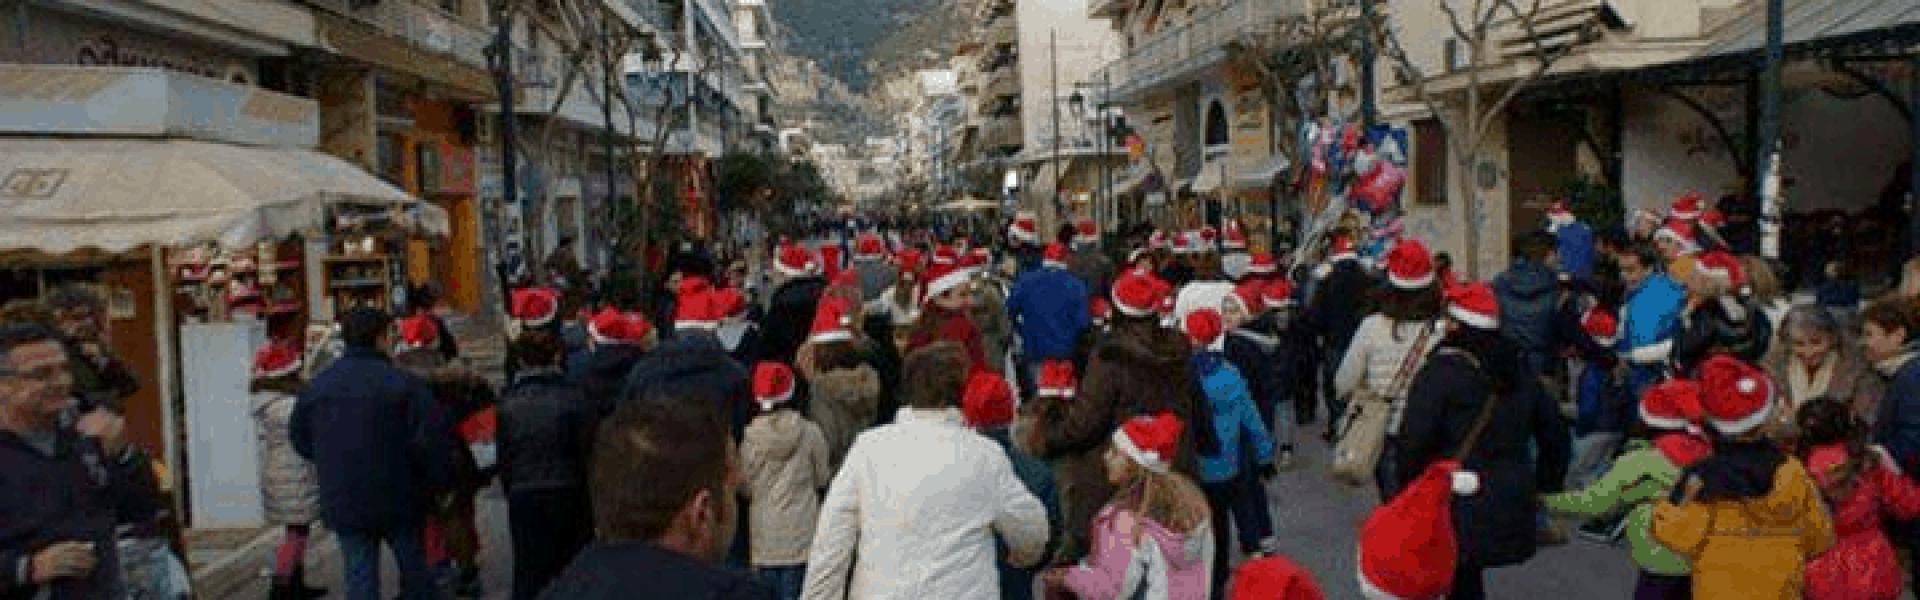 Χριστουγεννιάτικες Εκδηλώσεις στο Λουτράκι